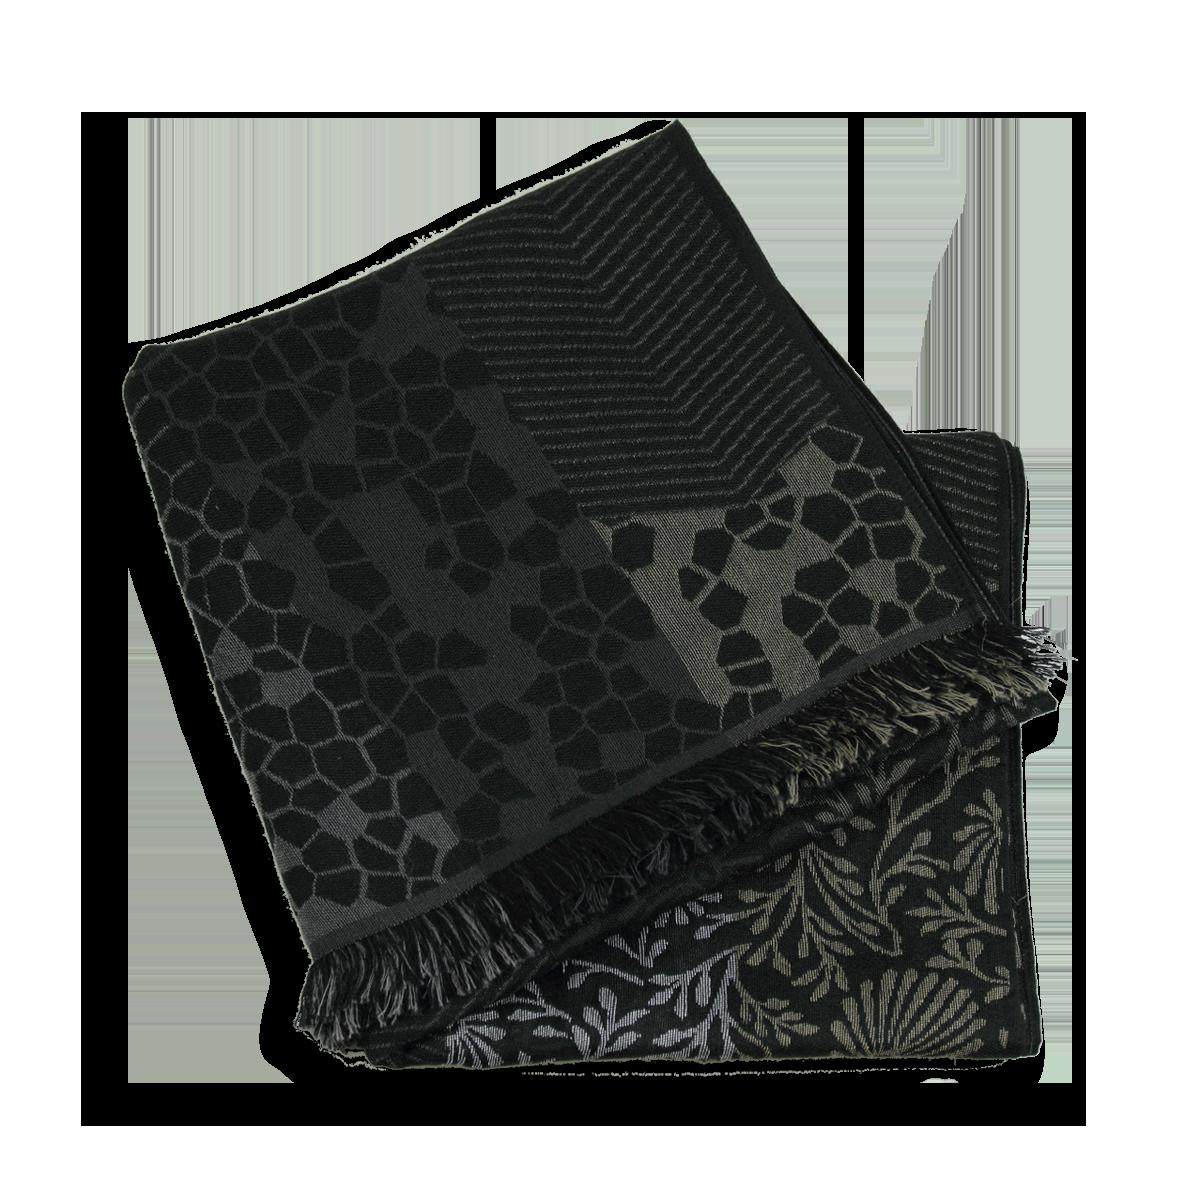 Echarpe Femme Noire et grise en Laine Coton Soie - Très confortable. c039d436927